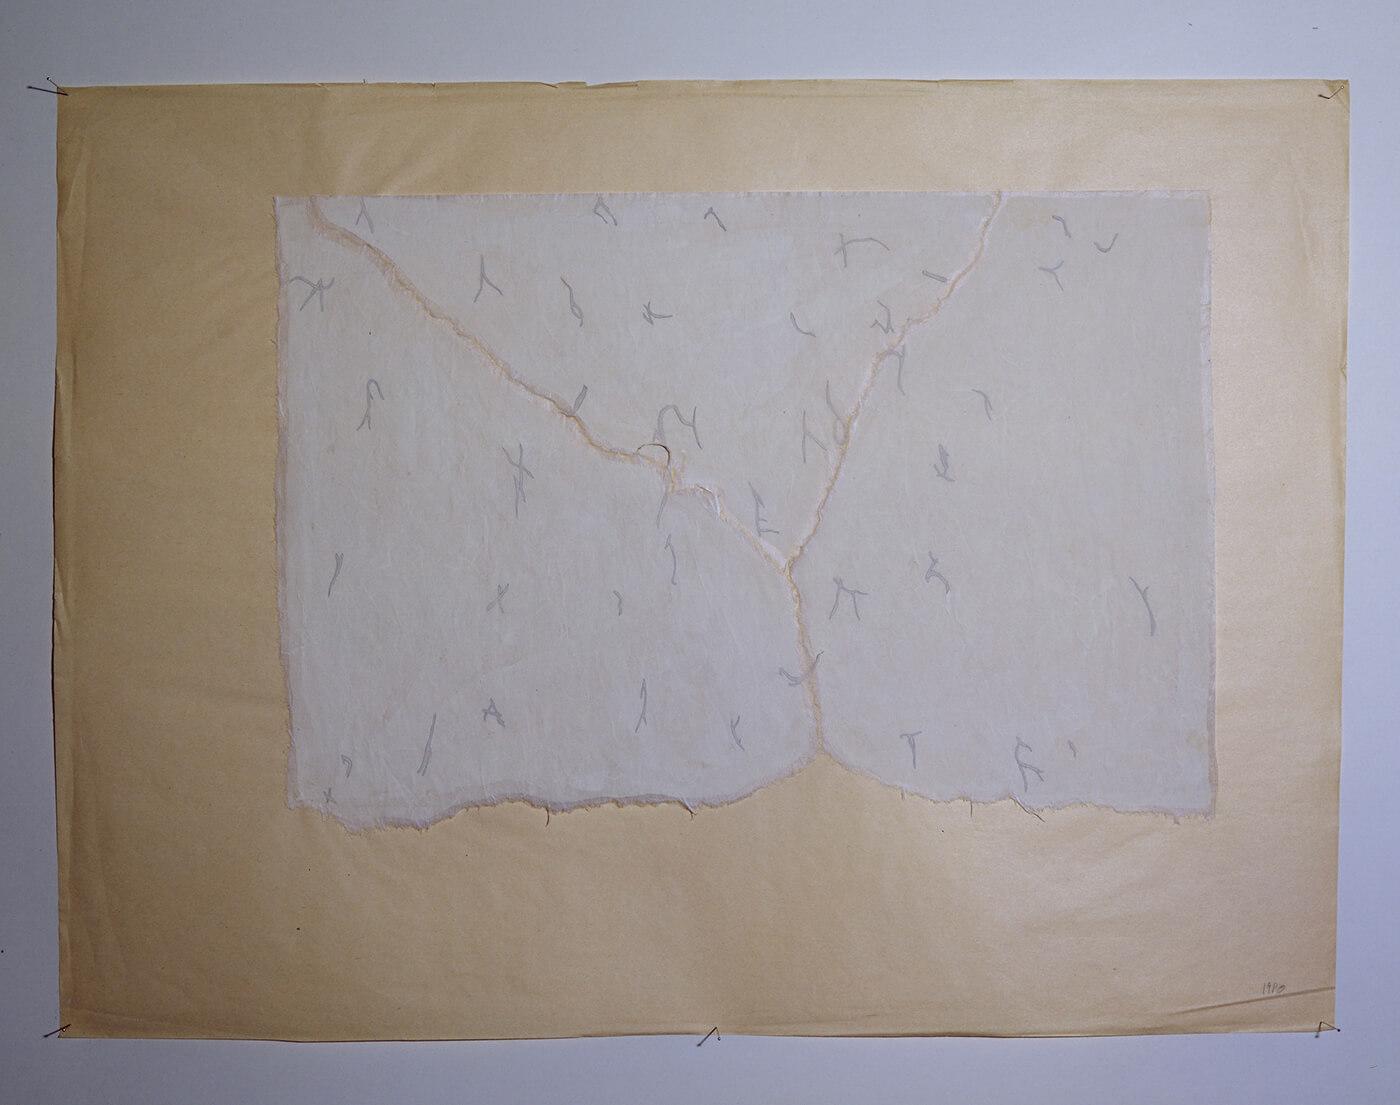 Carte di riso albano morandi for Tende carta di riso